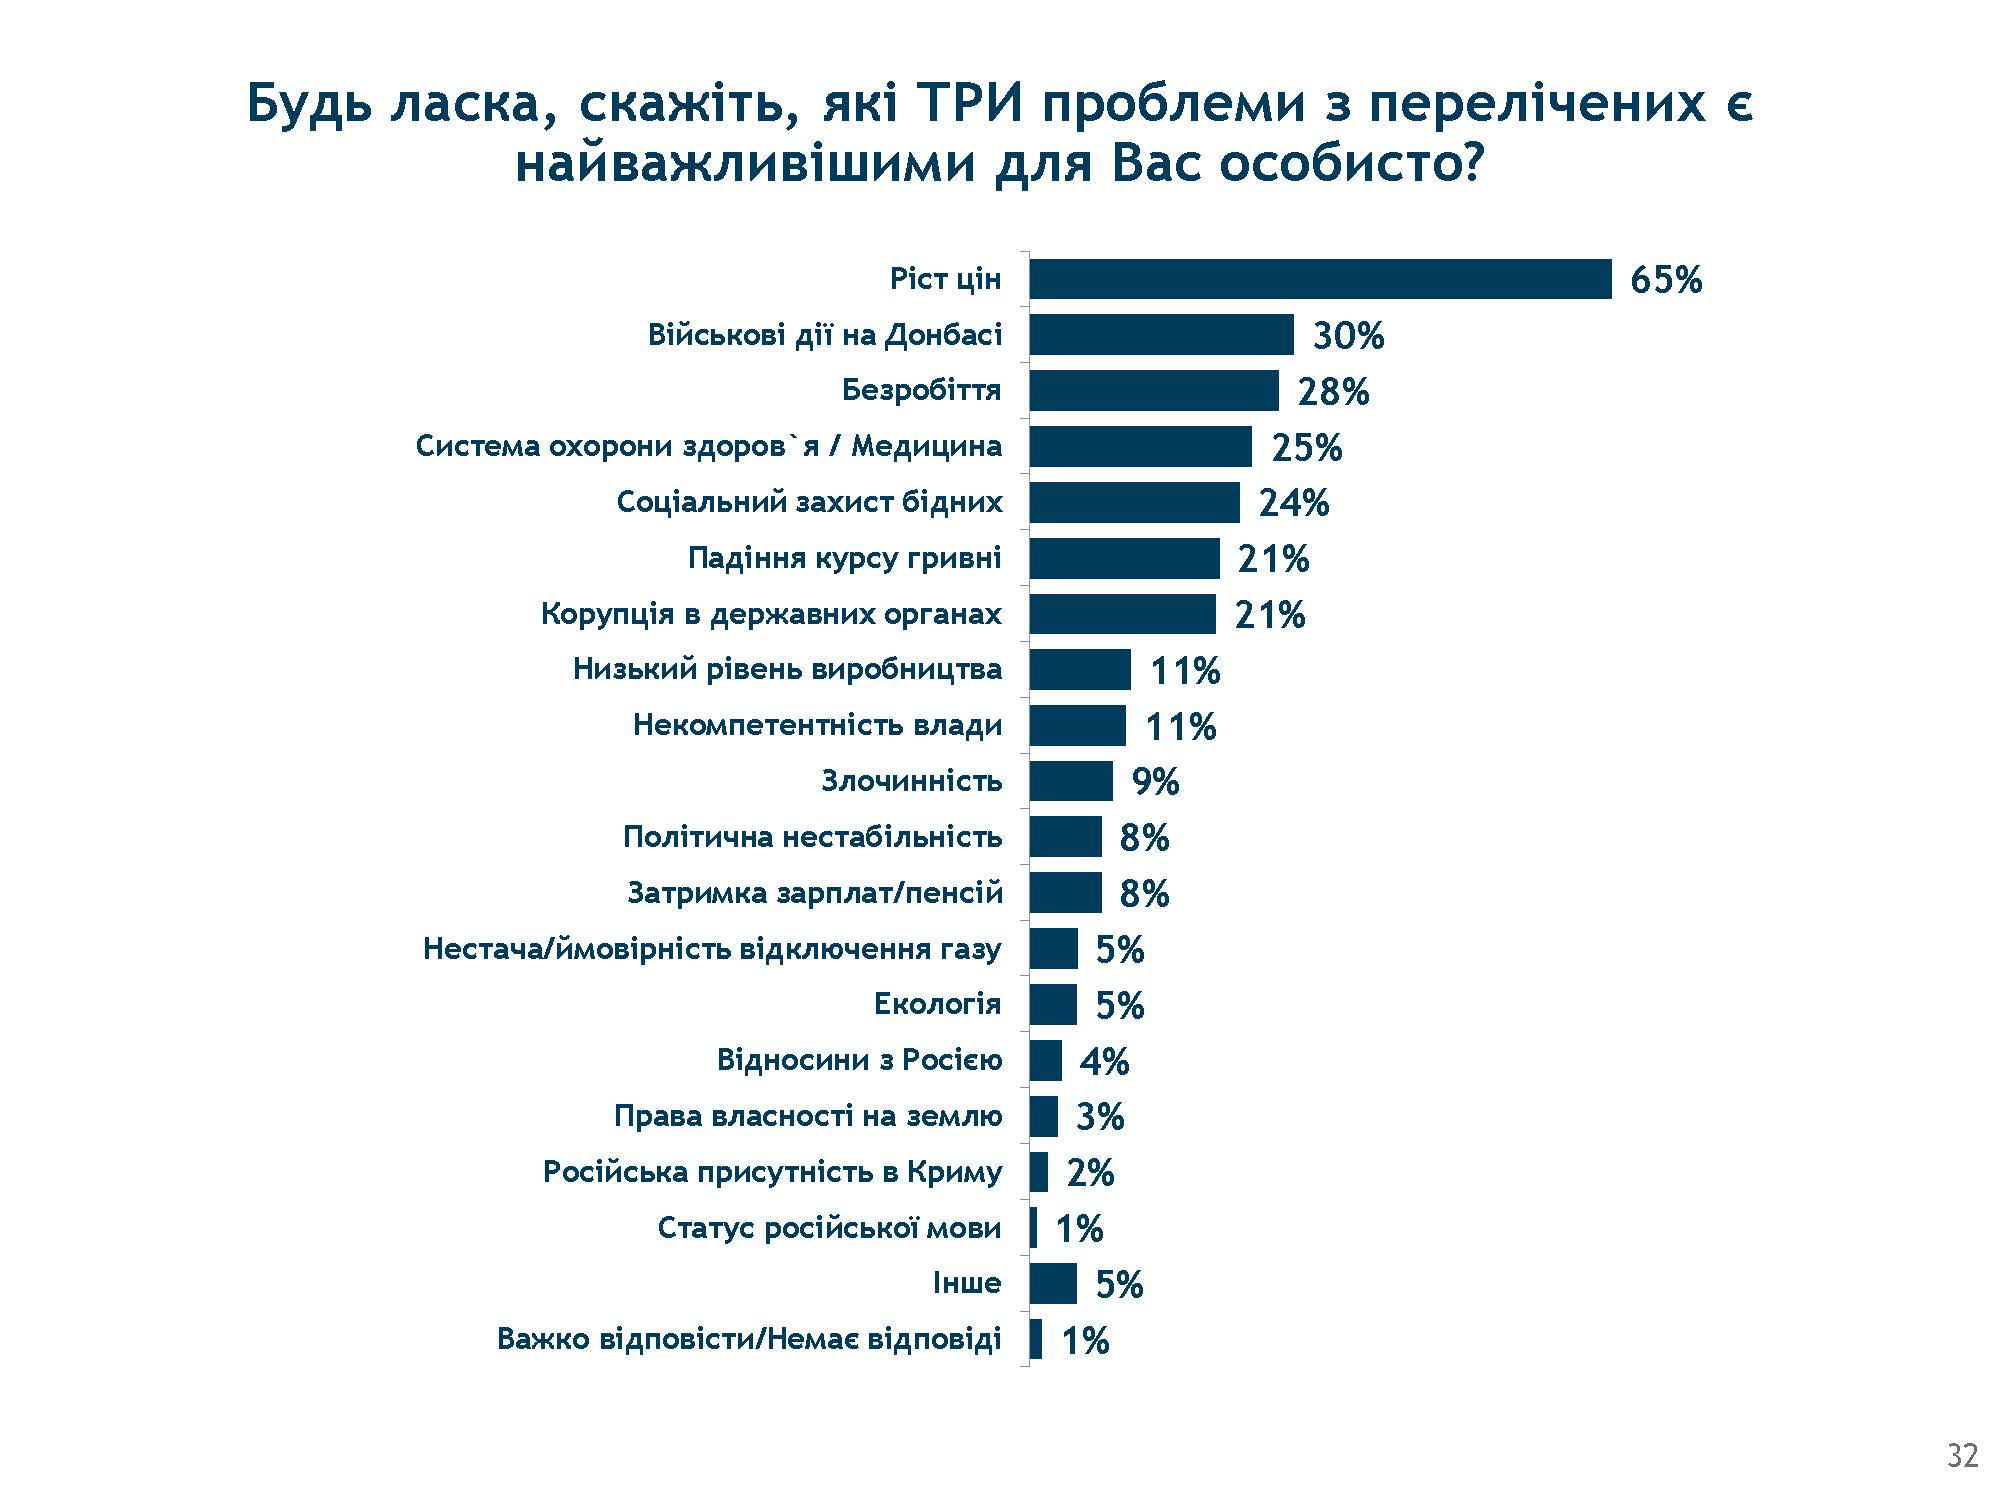 Найбільша проблема для України: ріст цін, війна і медицина